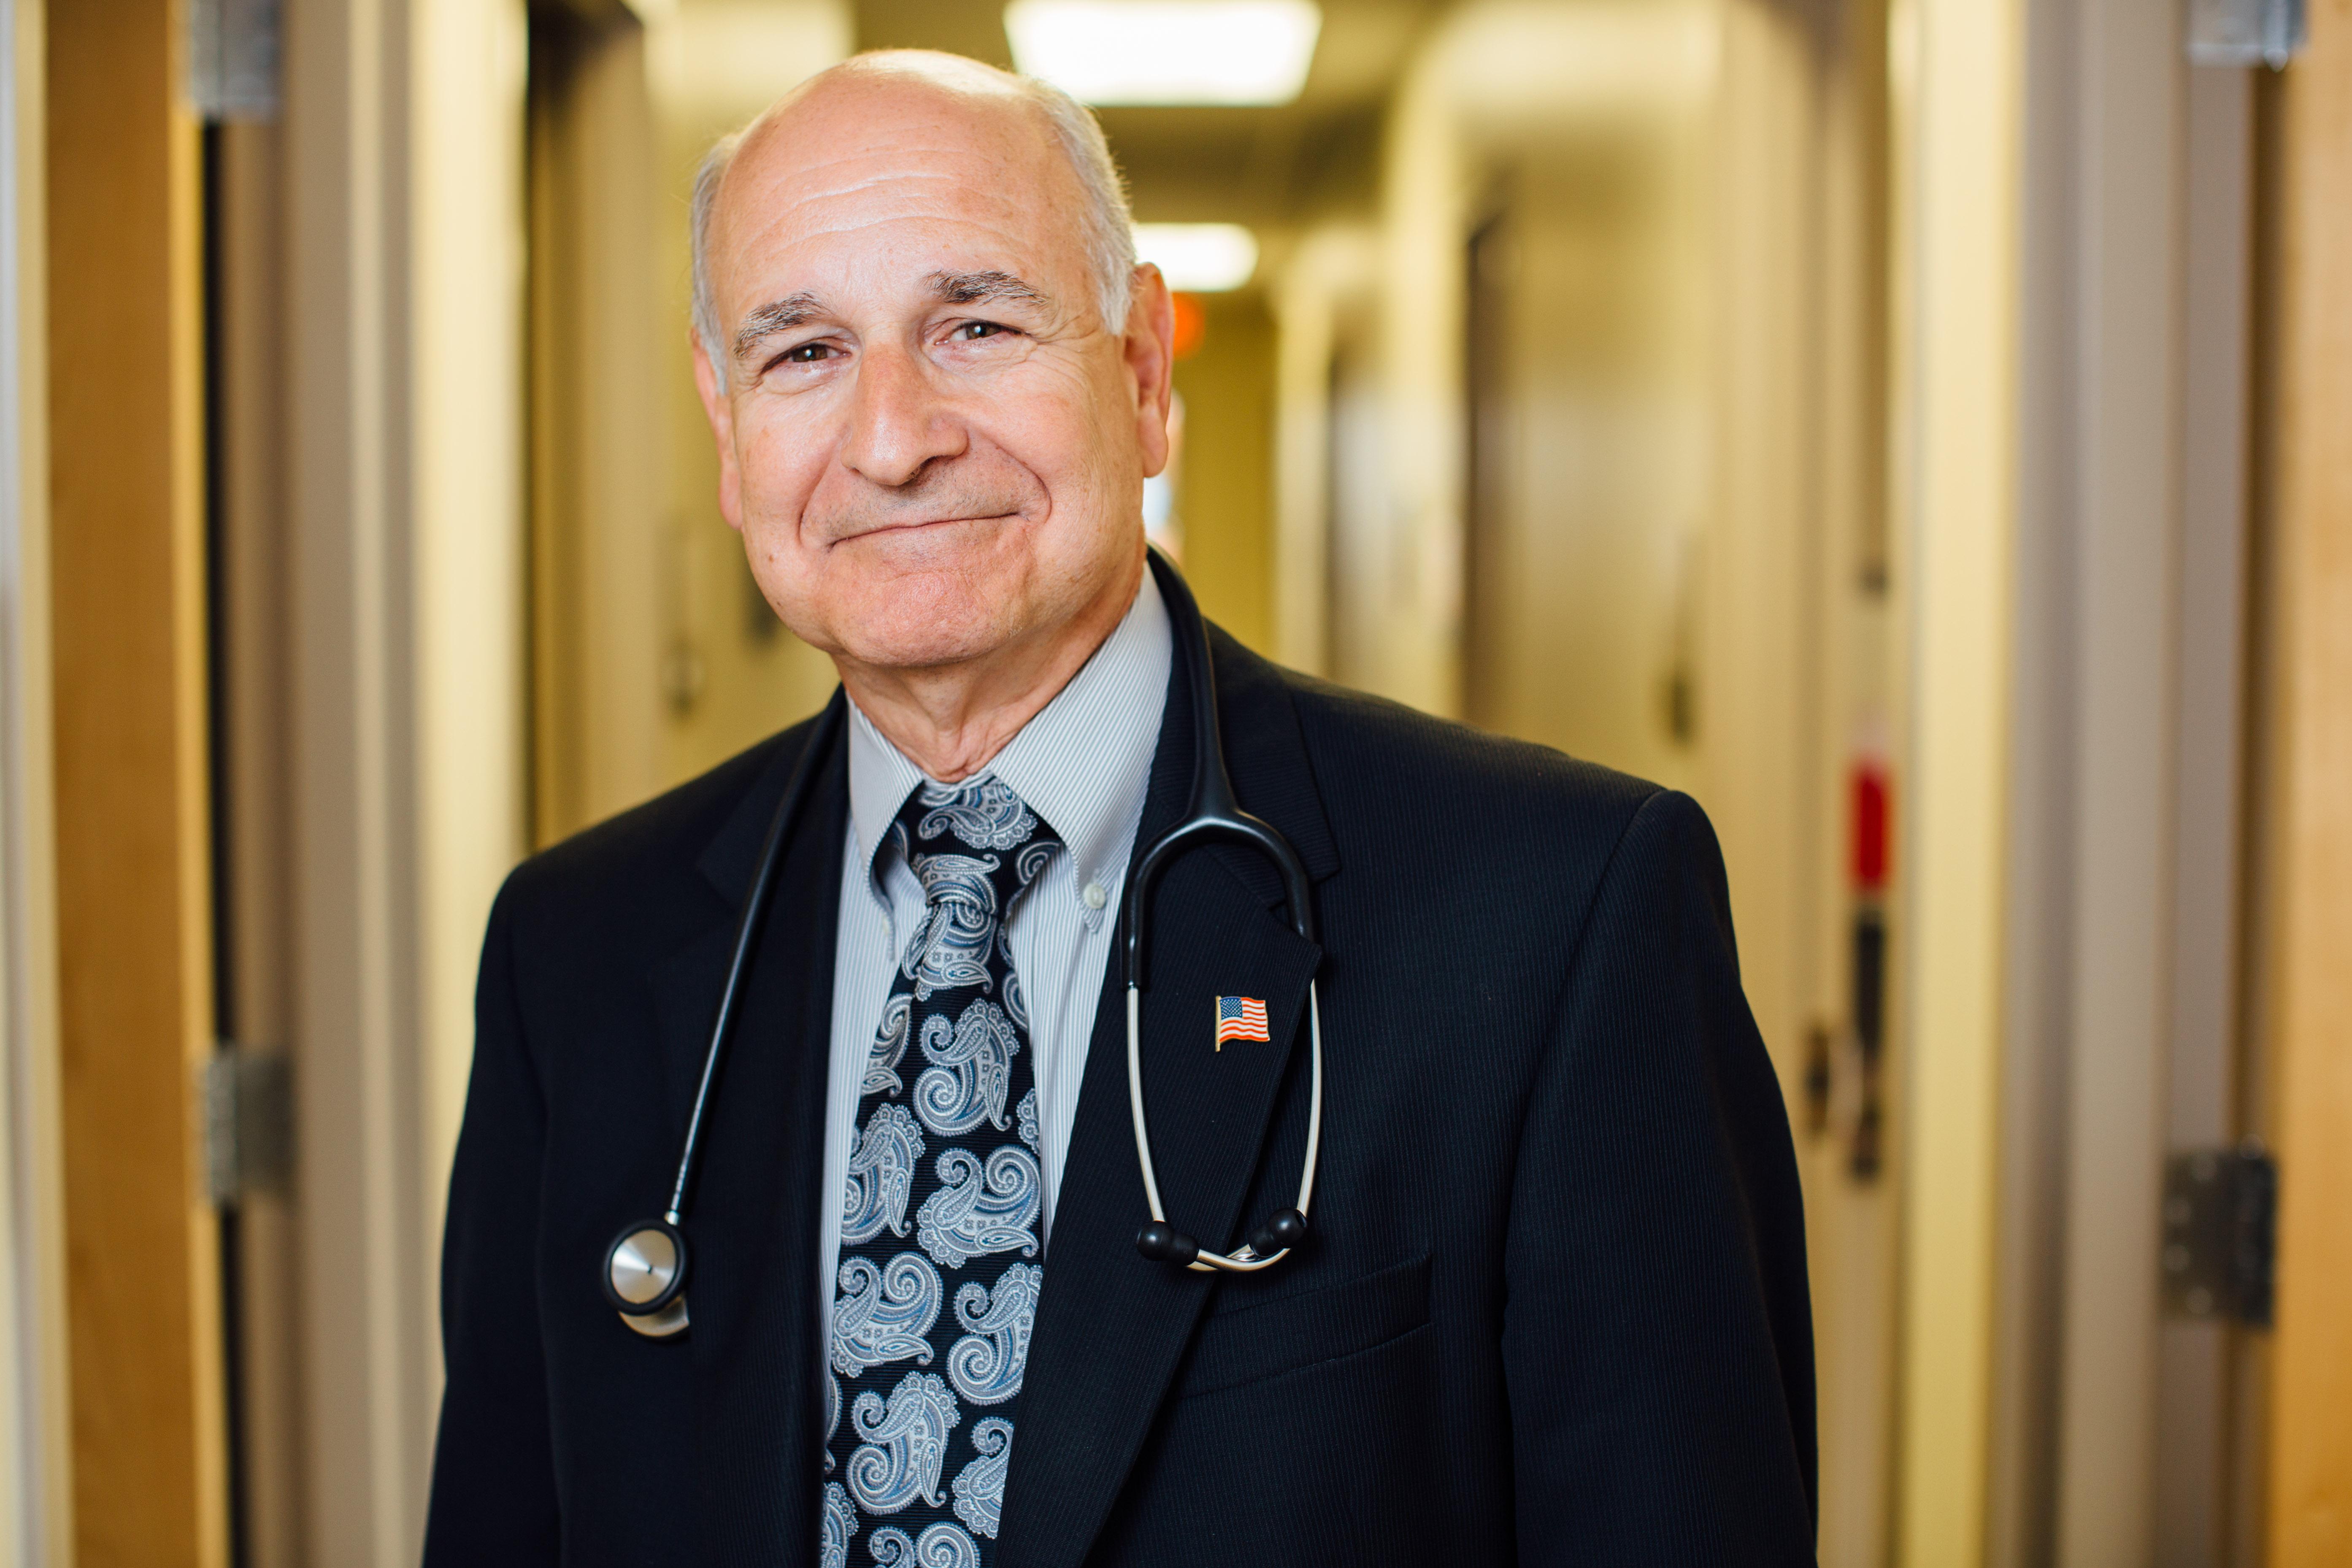 Dr. Mark Koshar